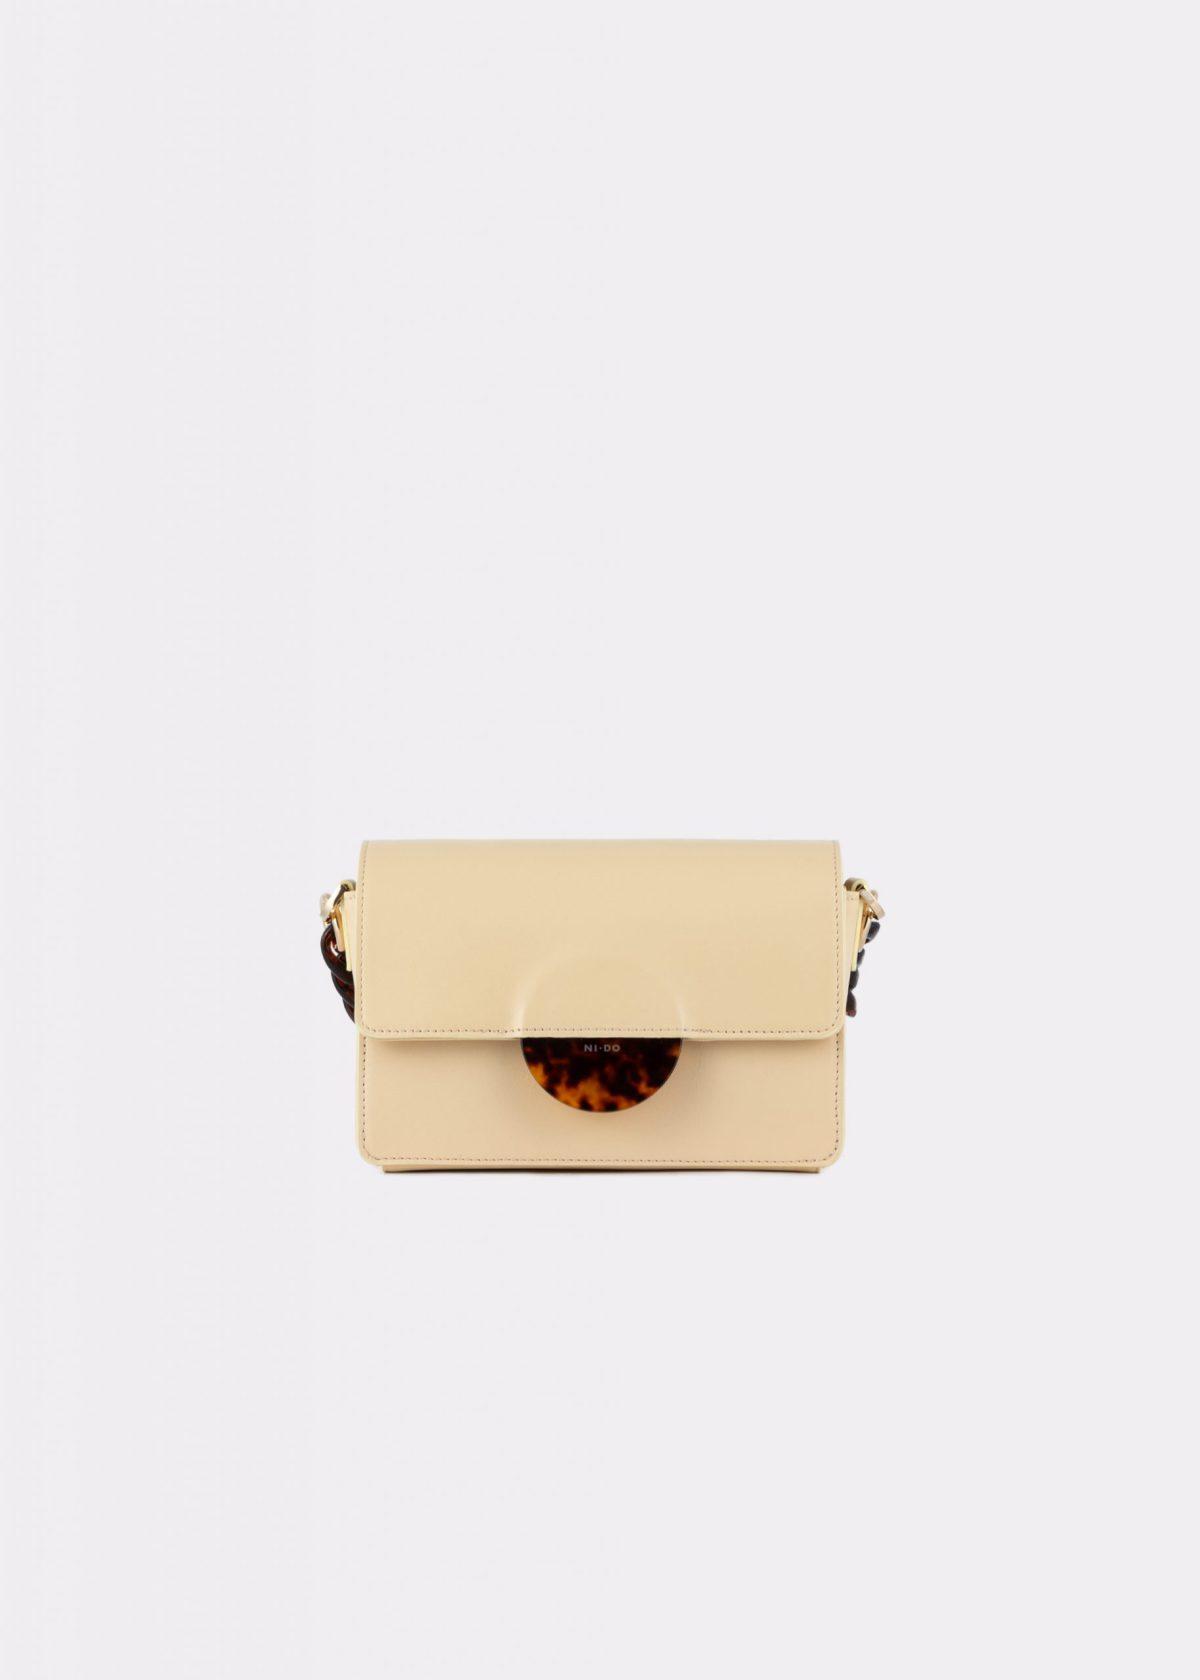 NIDO Cuore Mini bag Vanilla front view